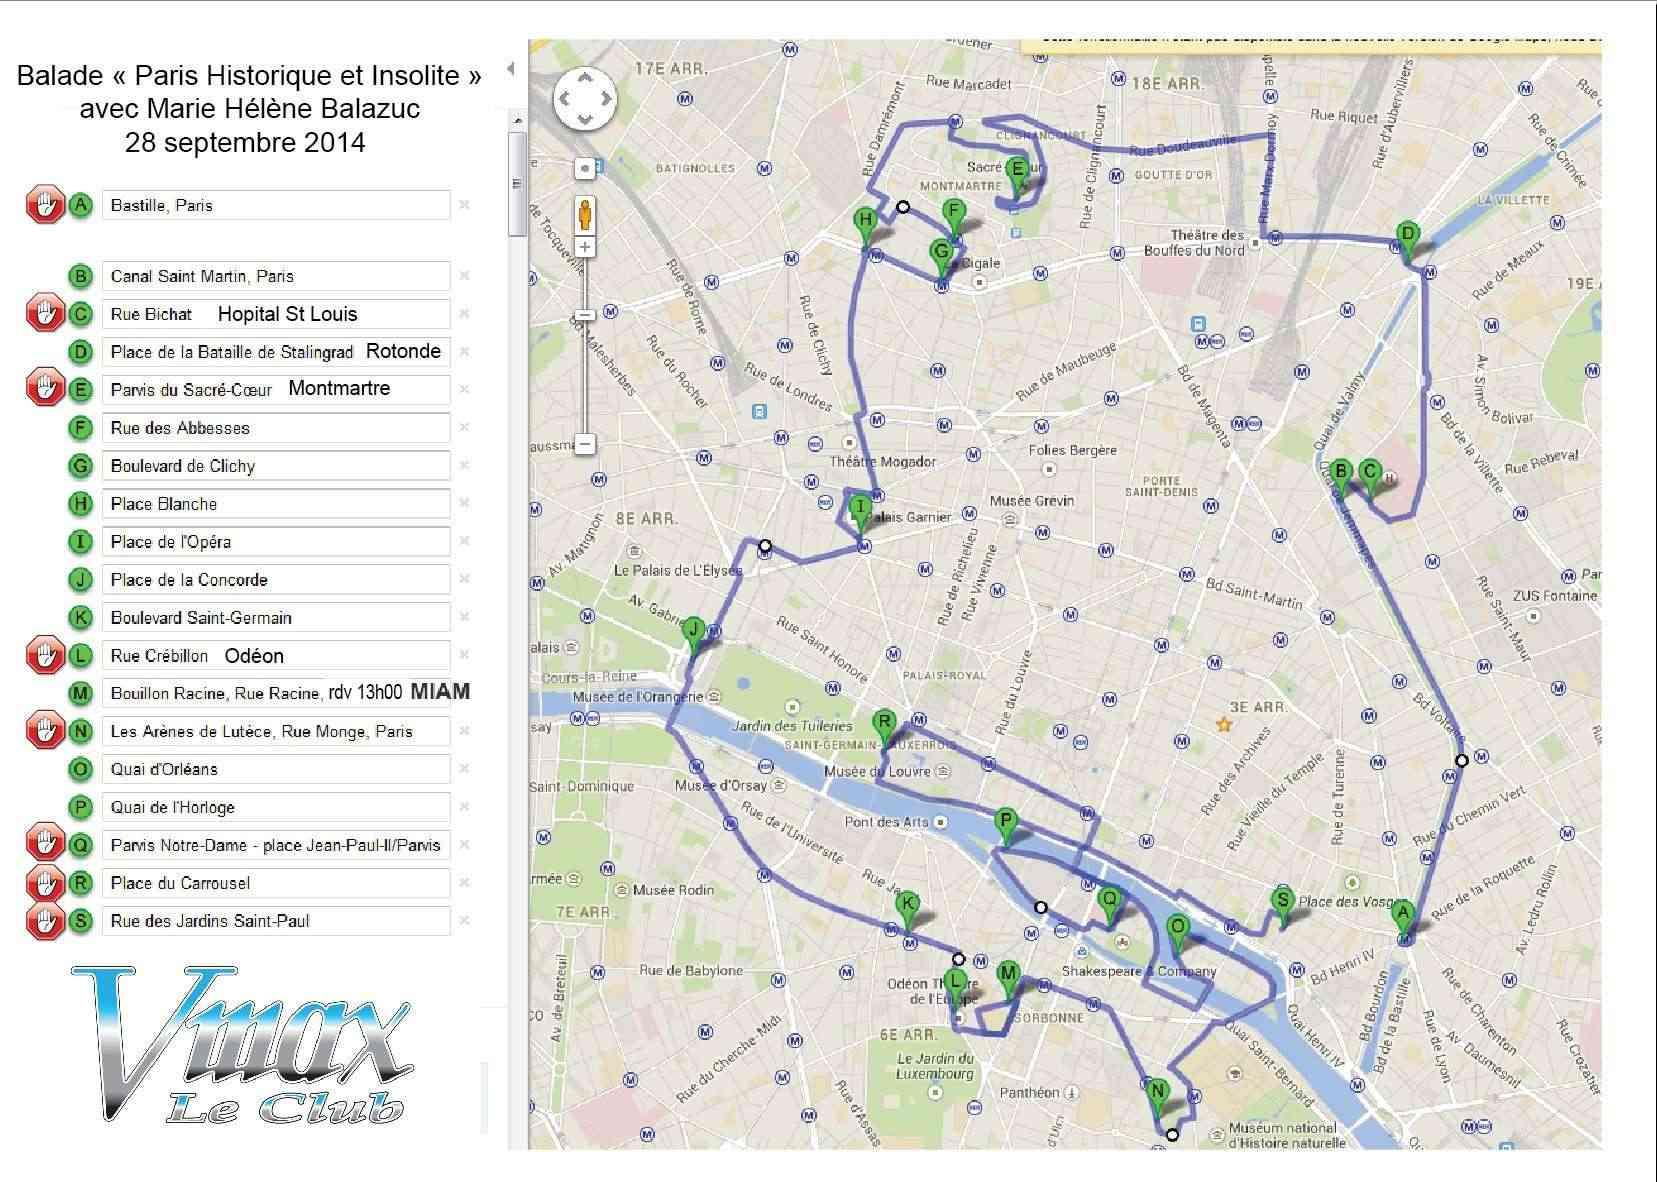 Balade dans le Paris Historique et insolite 28 Septembre Itiner10